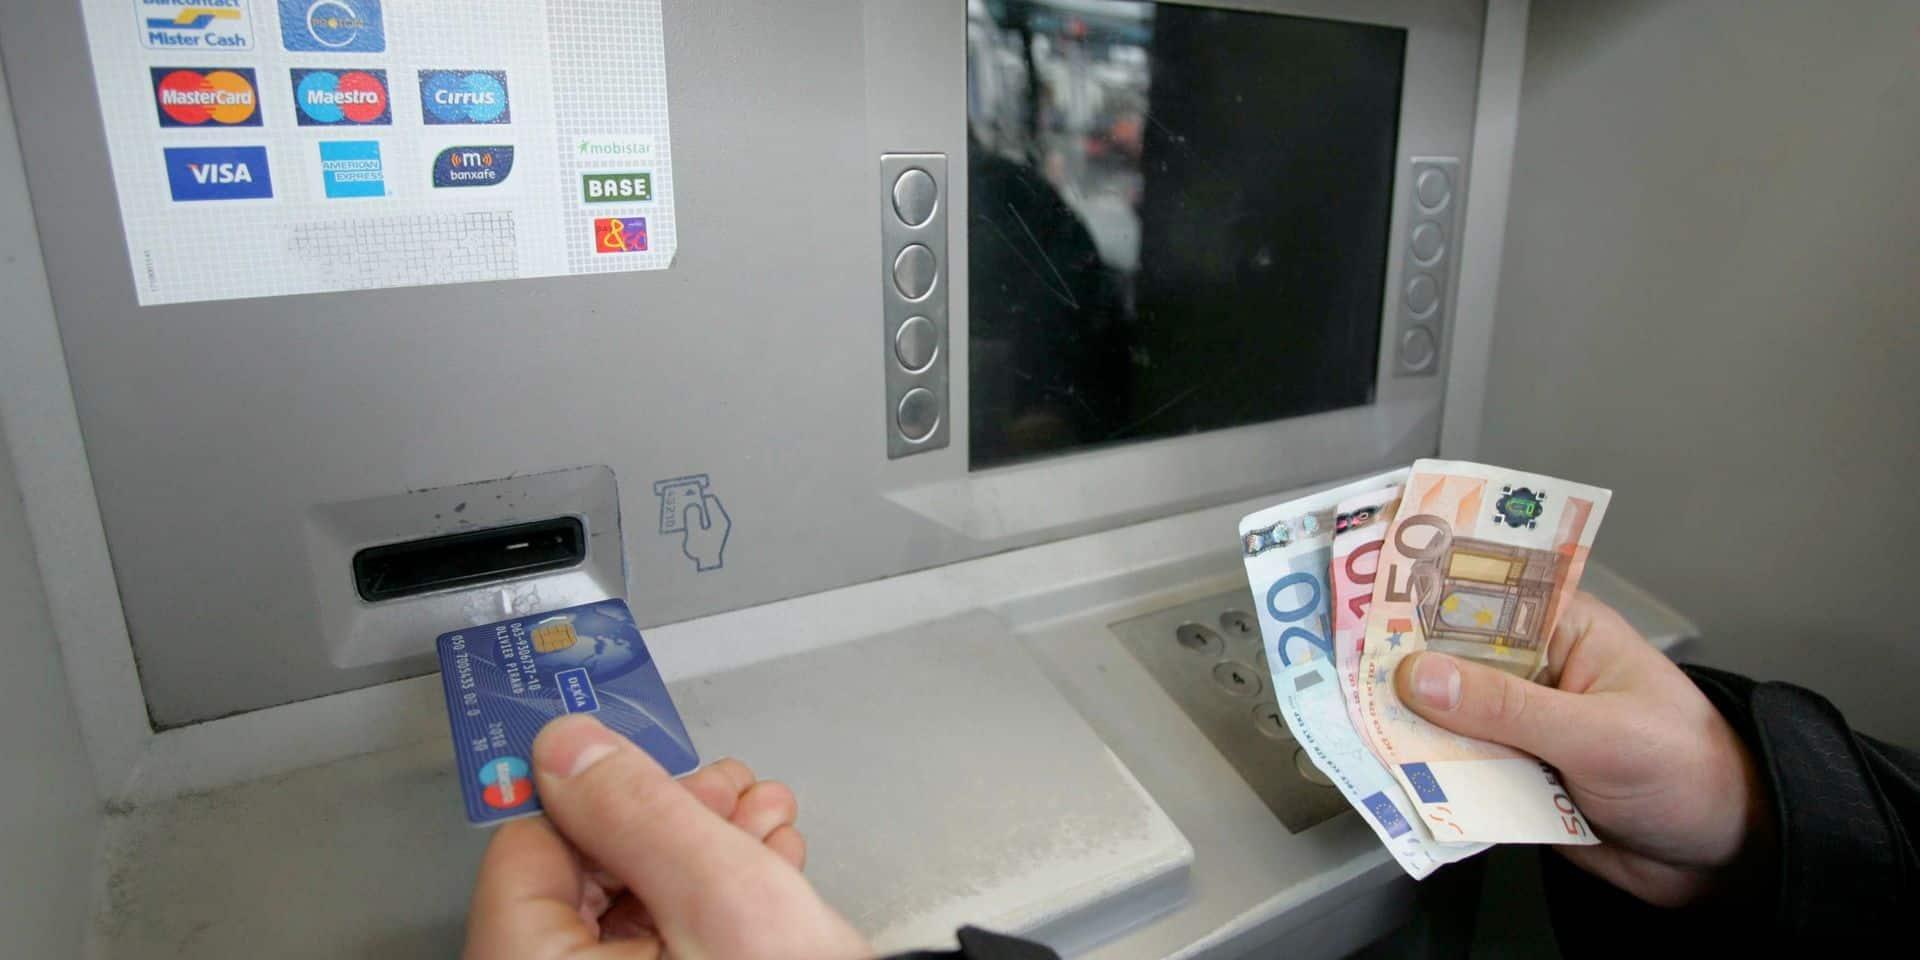 """Procès d'une vaste fraude à la carte bancaire, une victime parle: """"On m'a volé 200.000 €, je fais des cauchemars chaque nuit"""""""